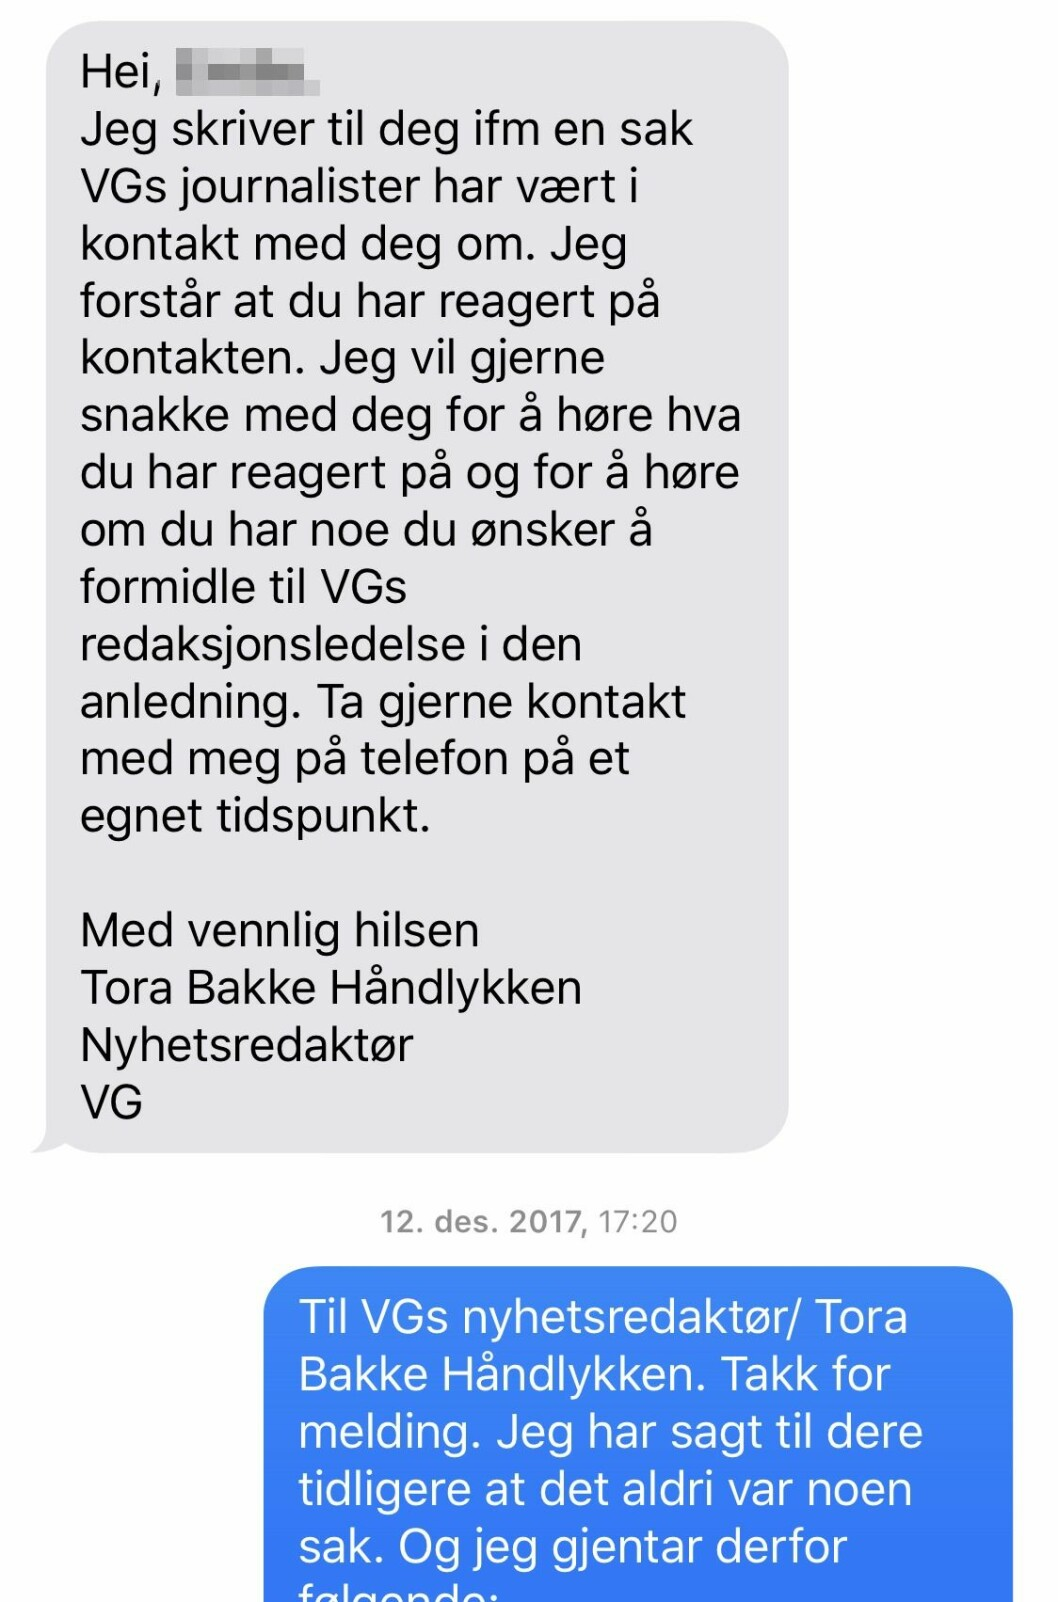 SMS fra nyhetsredaktør Tora Bakke Håndlykken i VG til kvinnen.